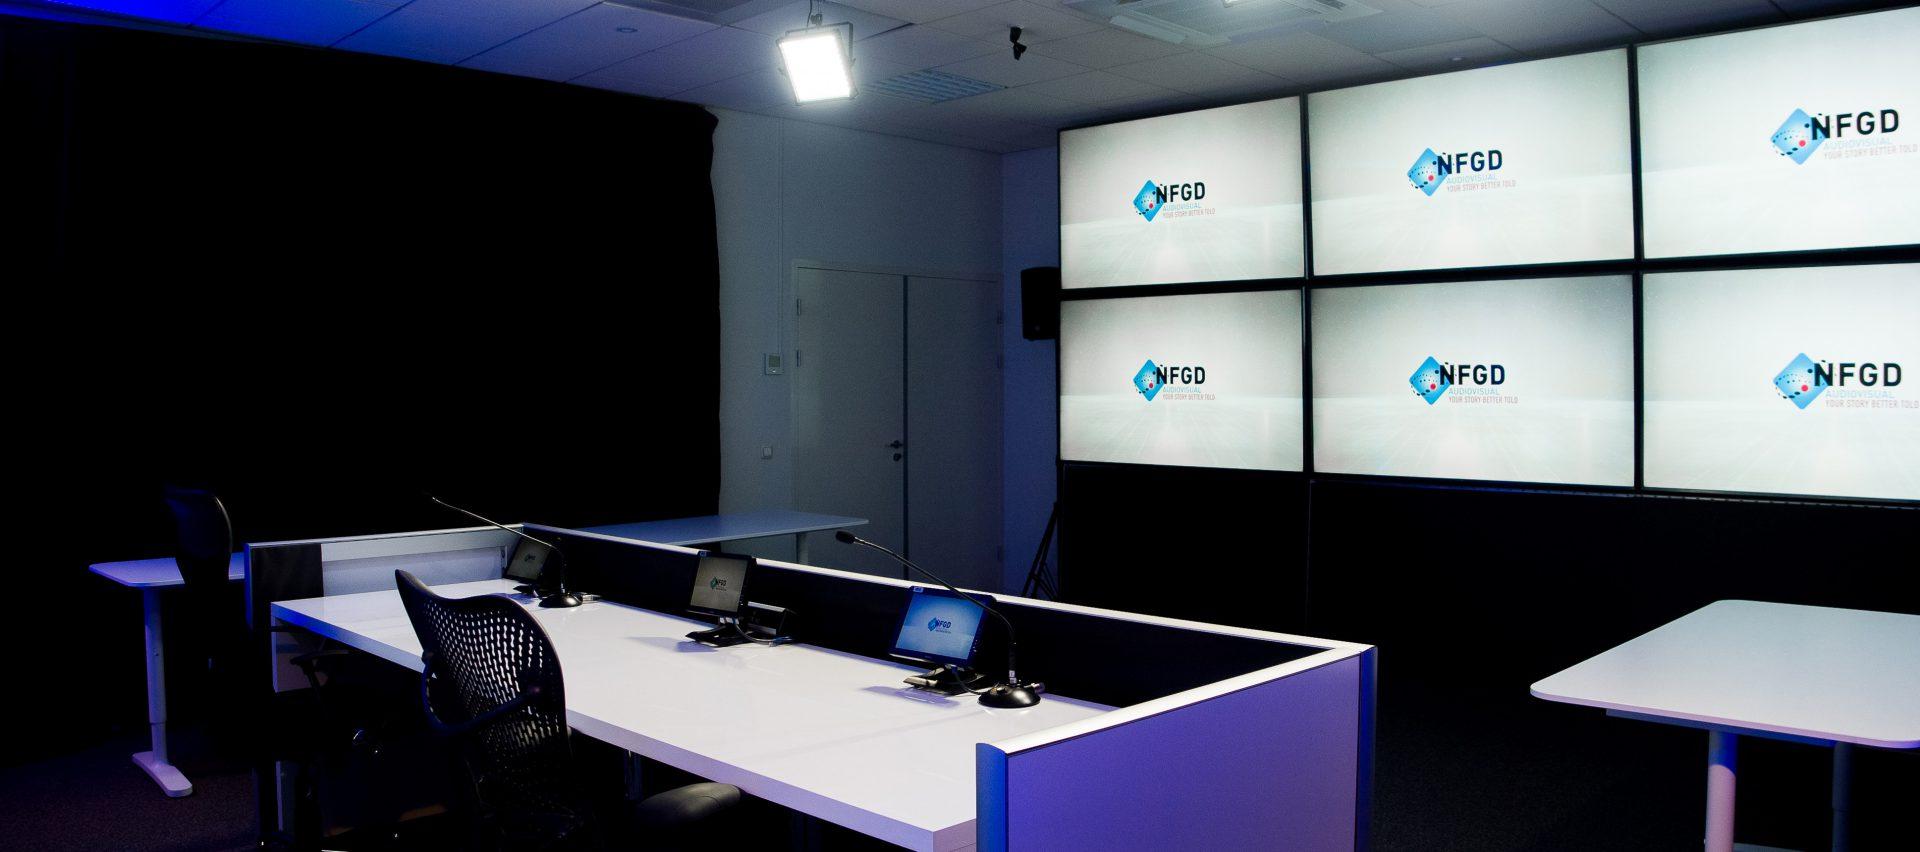 2 weconnectstudio 1-09